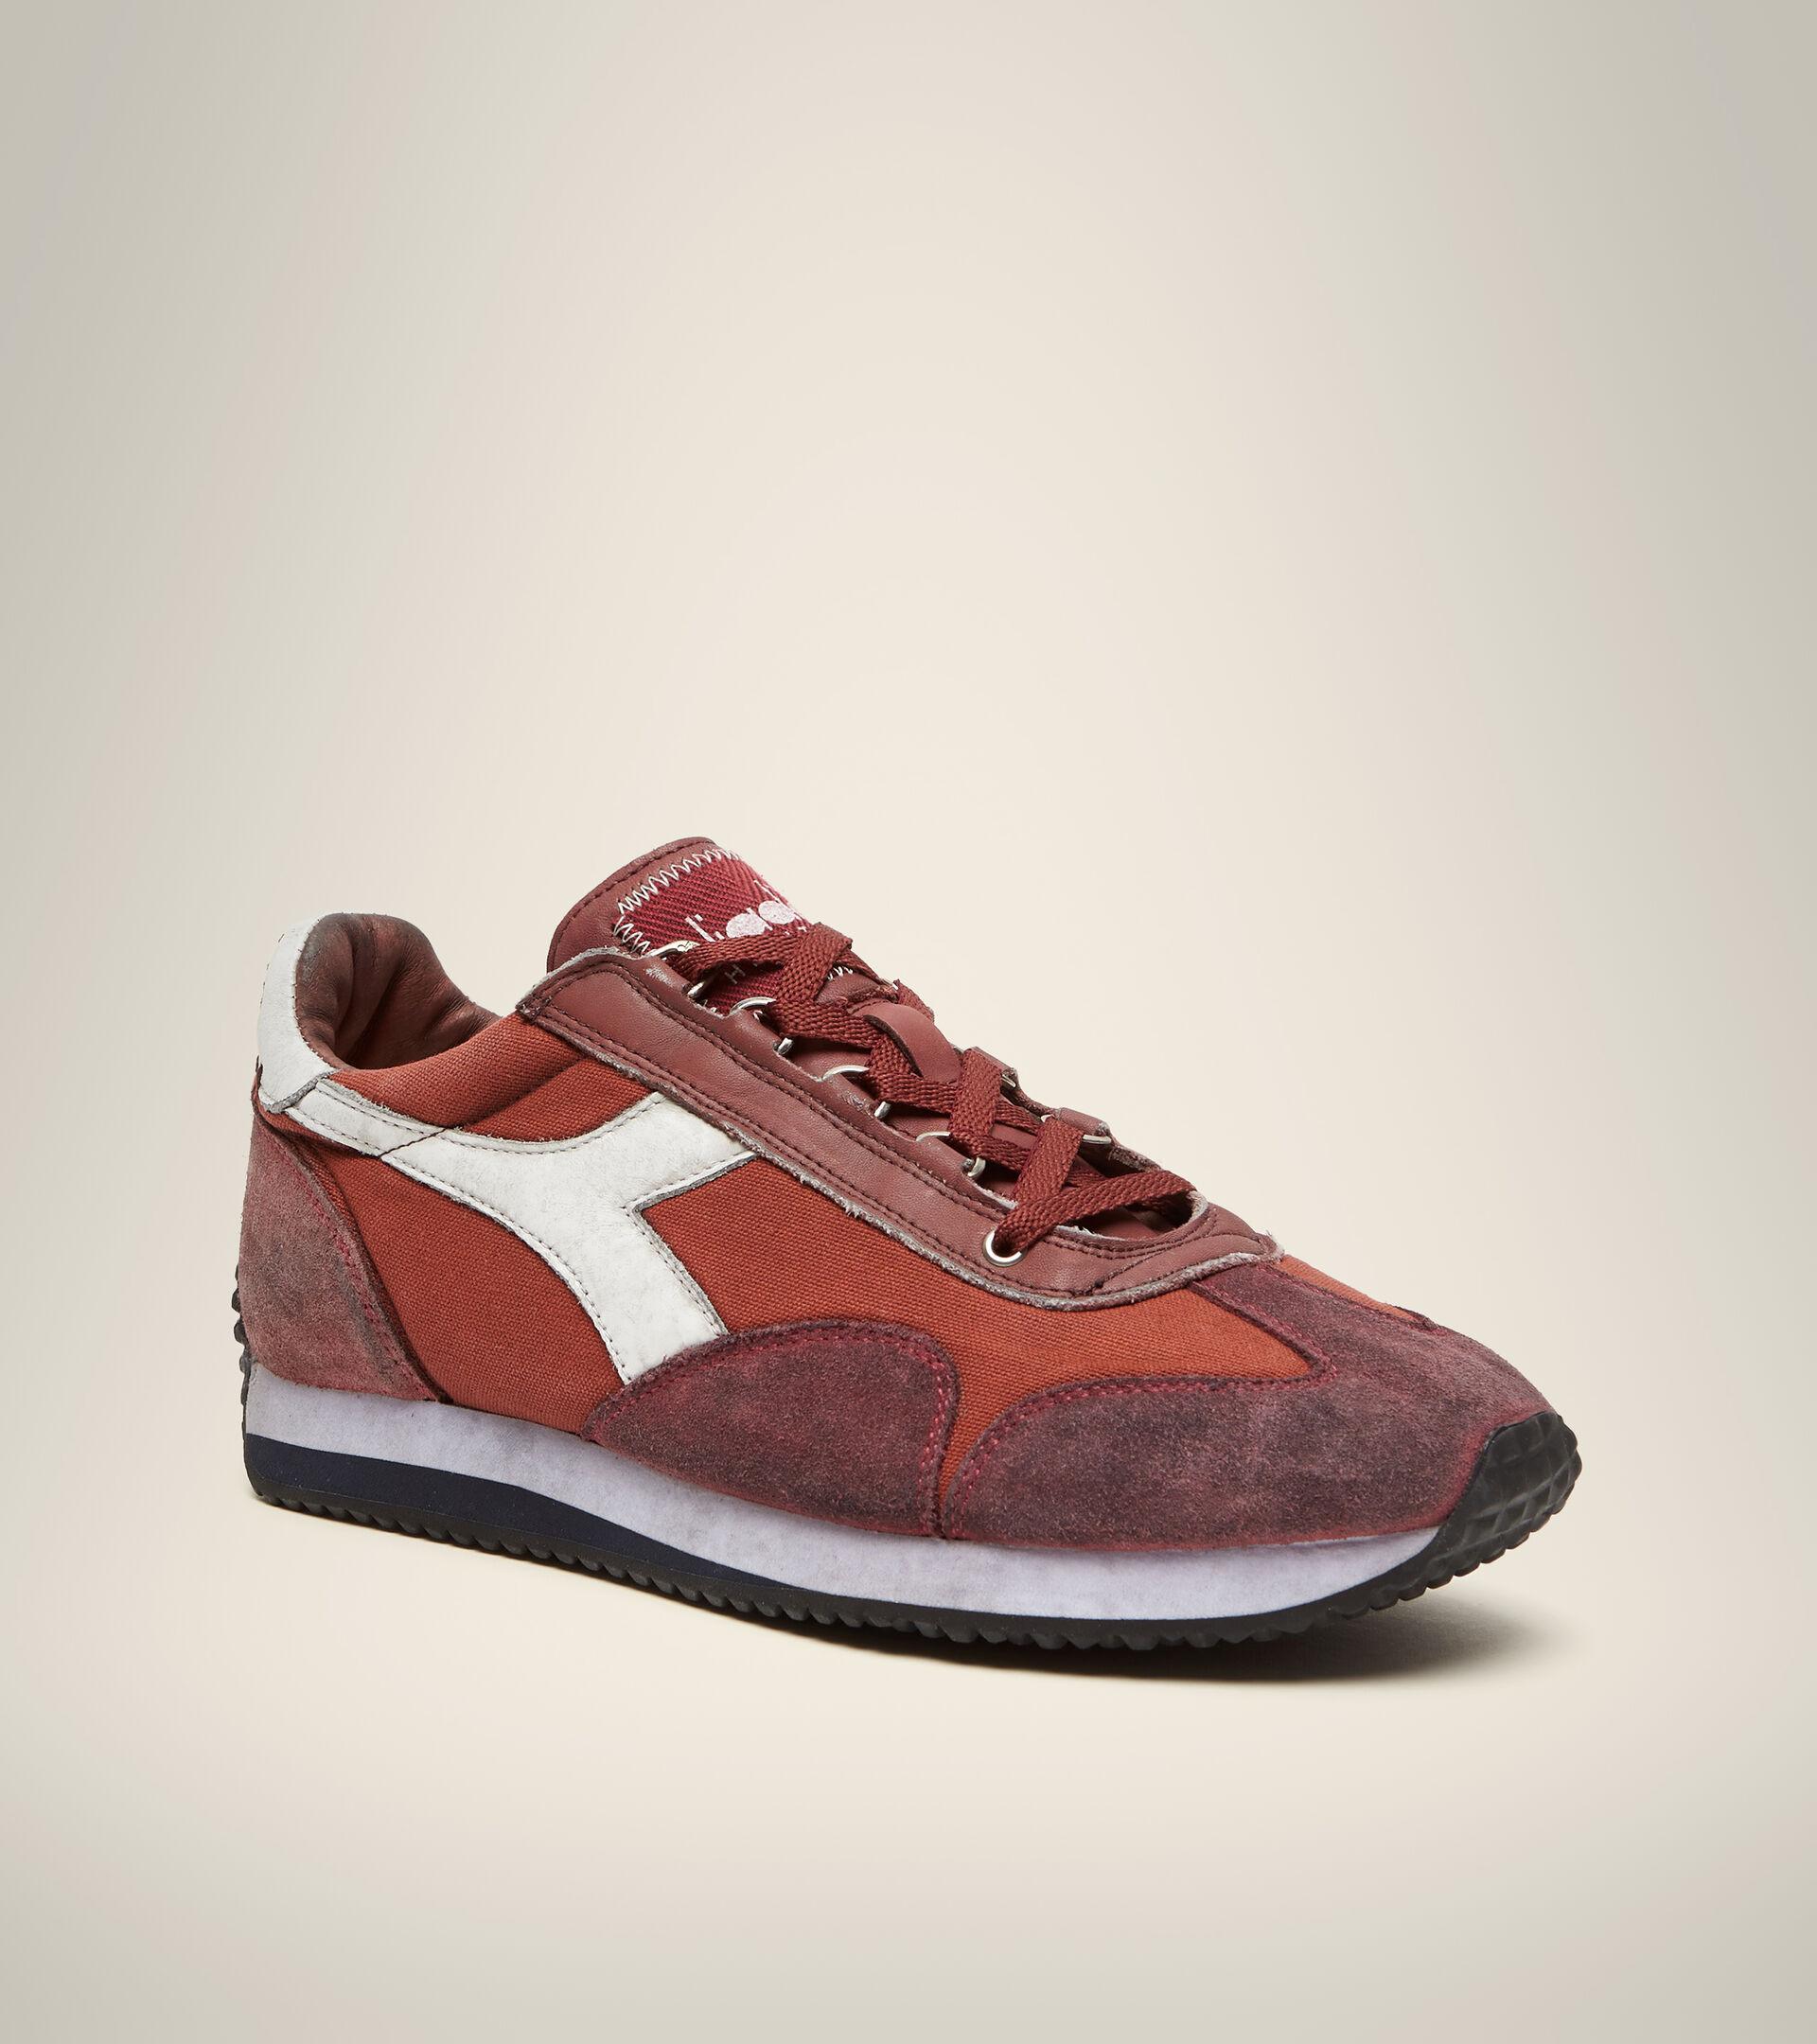 Footwear Heritage UNISEX EQUIPE H DIRTY STONE WASH EVO ROSSO BURN Diadora